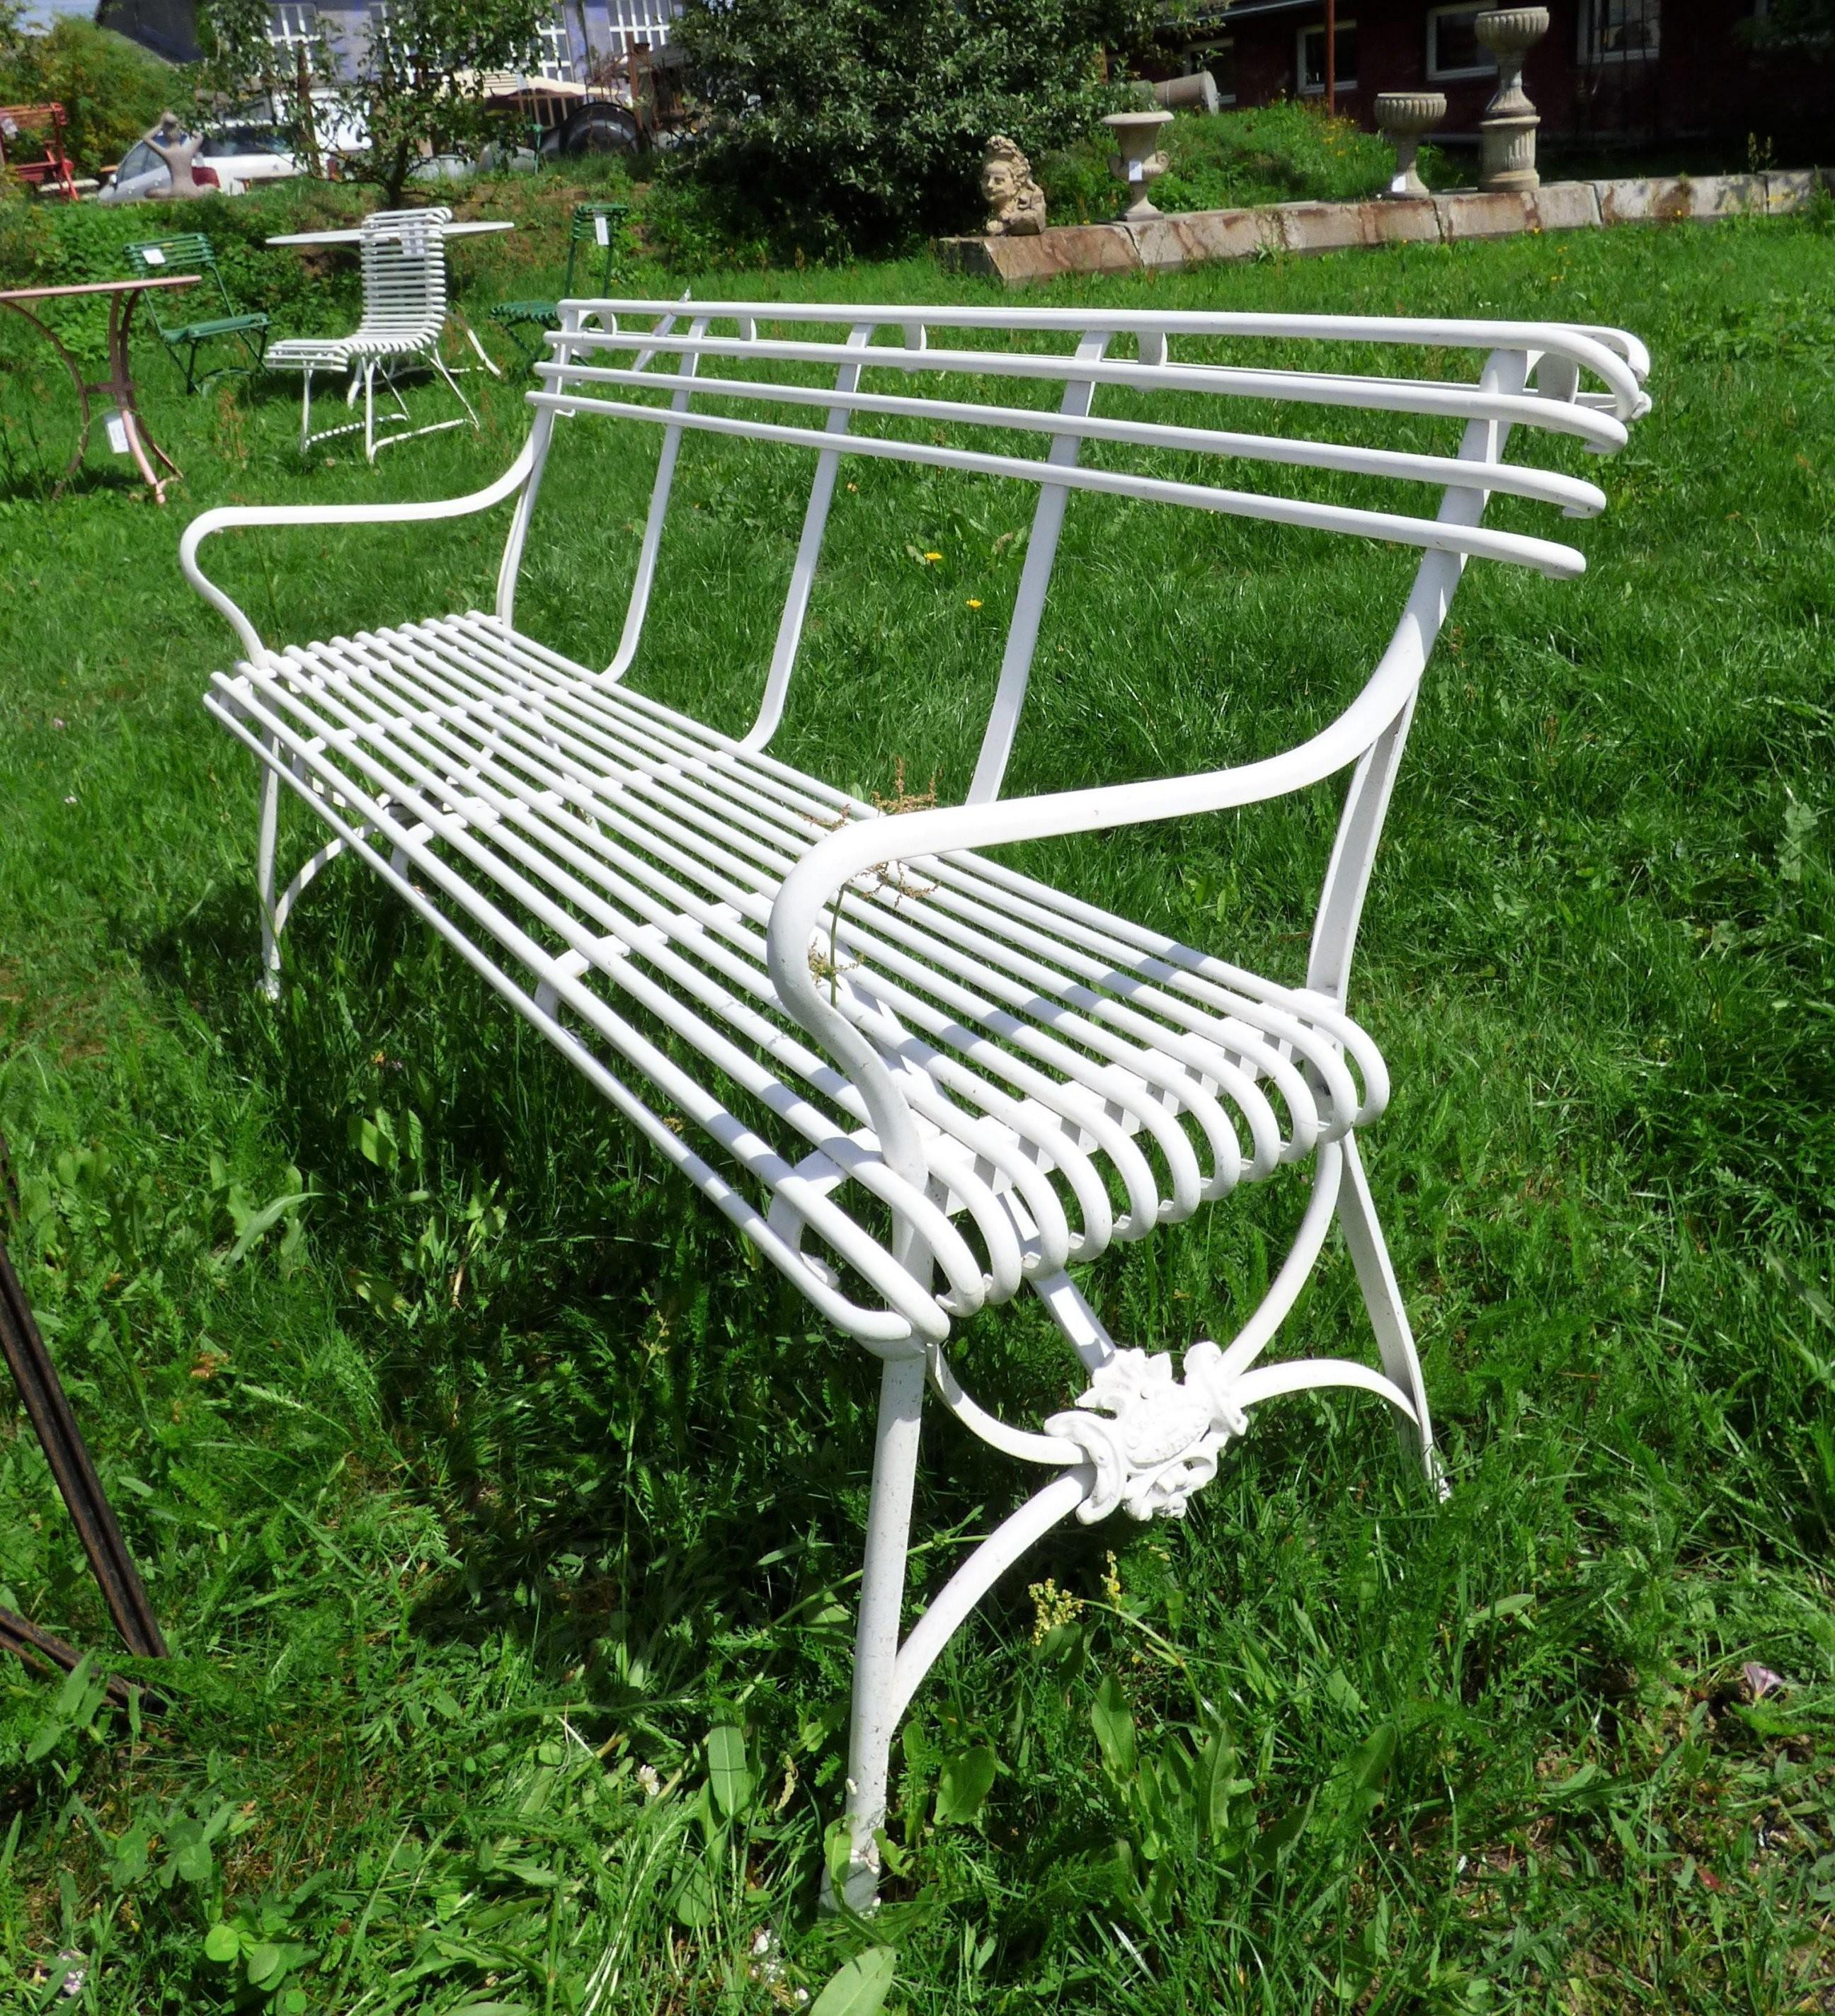 Gartenbank  Metall Weiß  Historische Bauelemente  Jetzt Online von Gartenbank Weiss Metall Photo